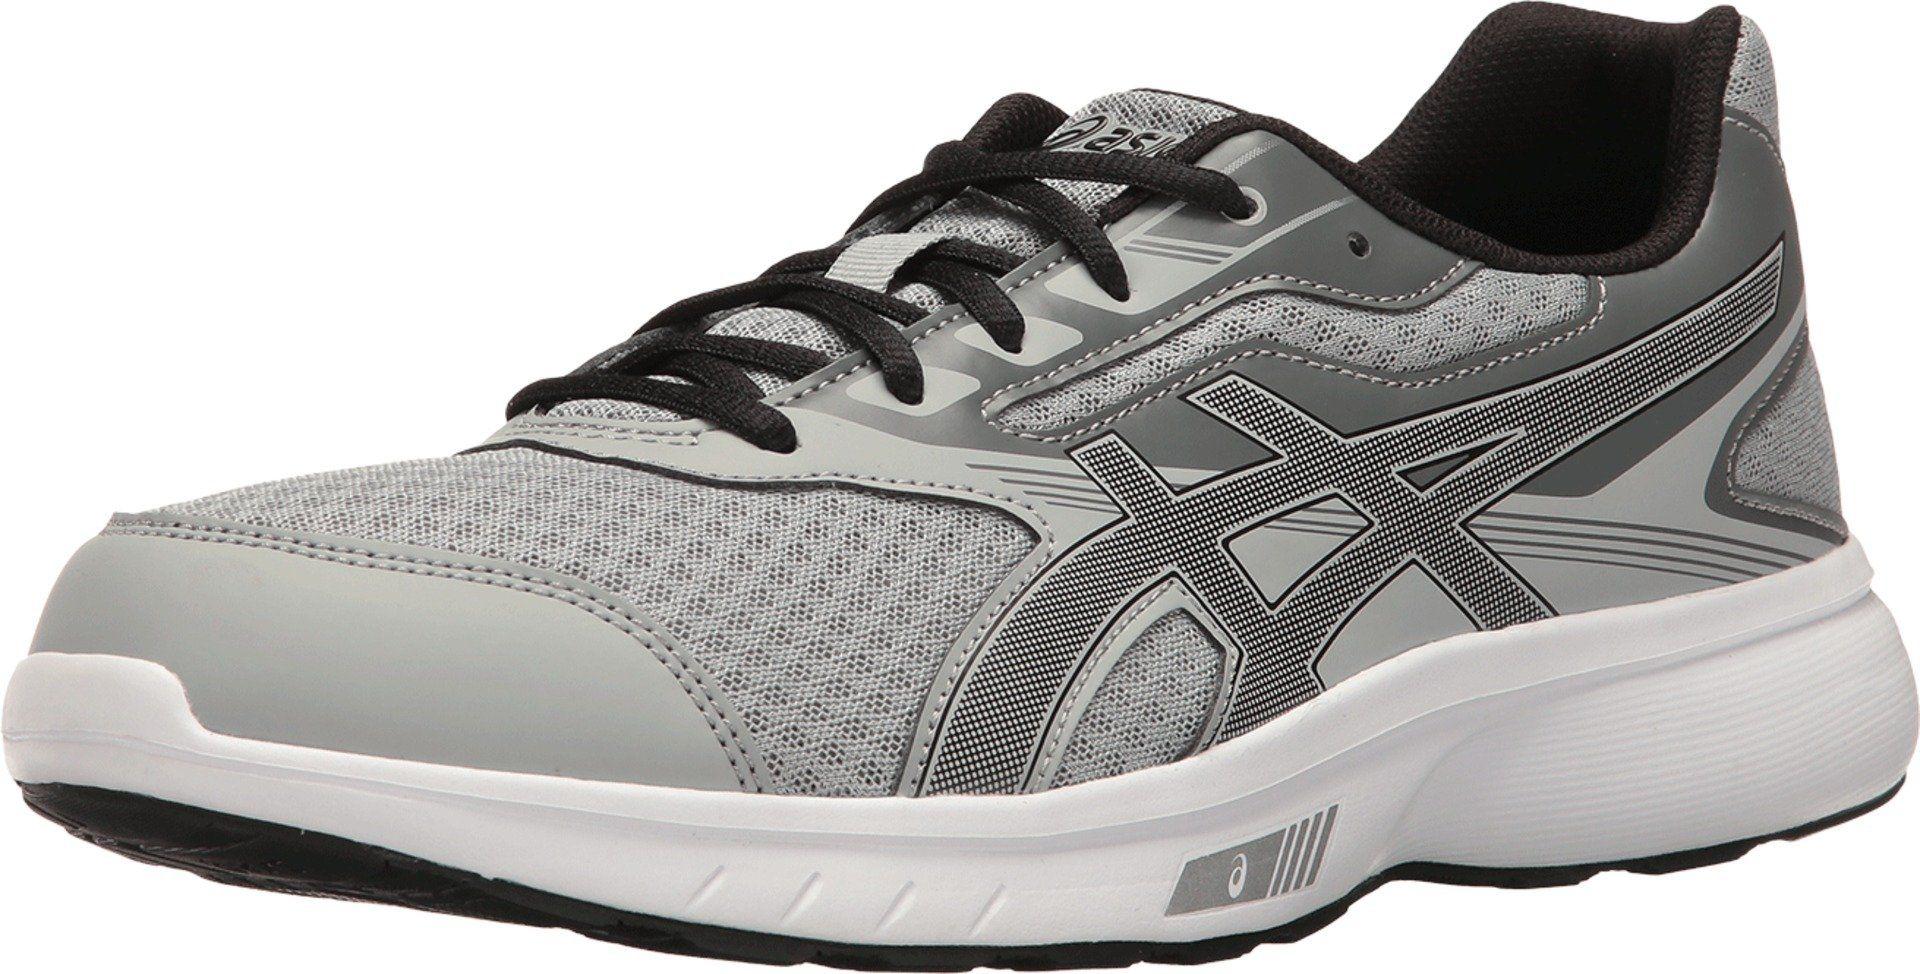 ASICS Men's Stormer Running-Shoes, Mid